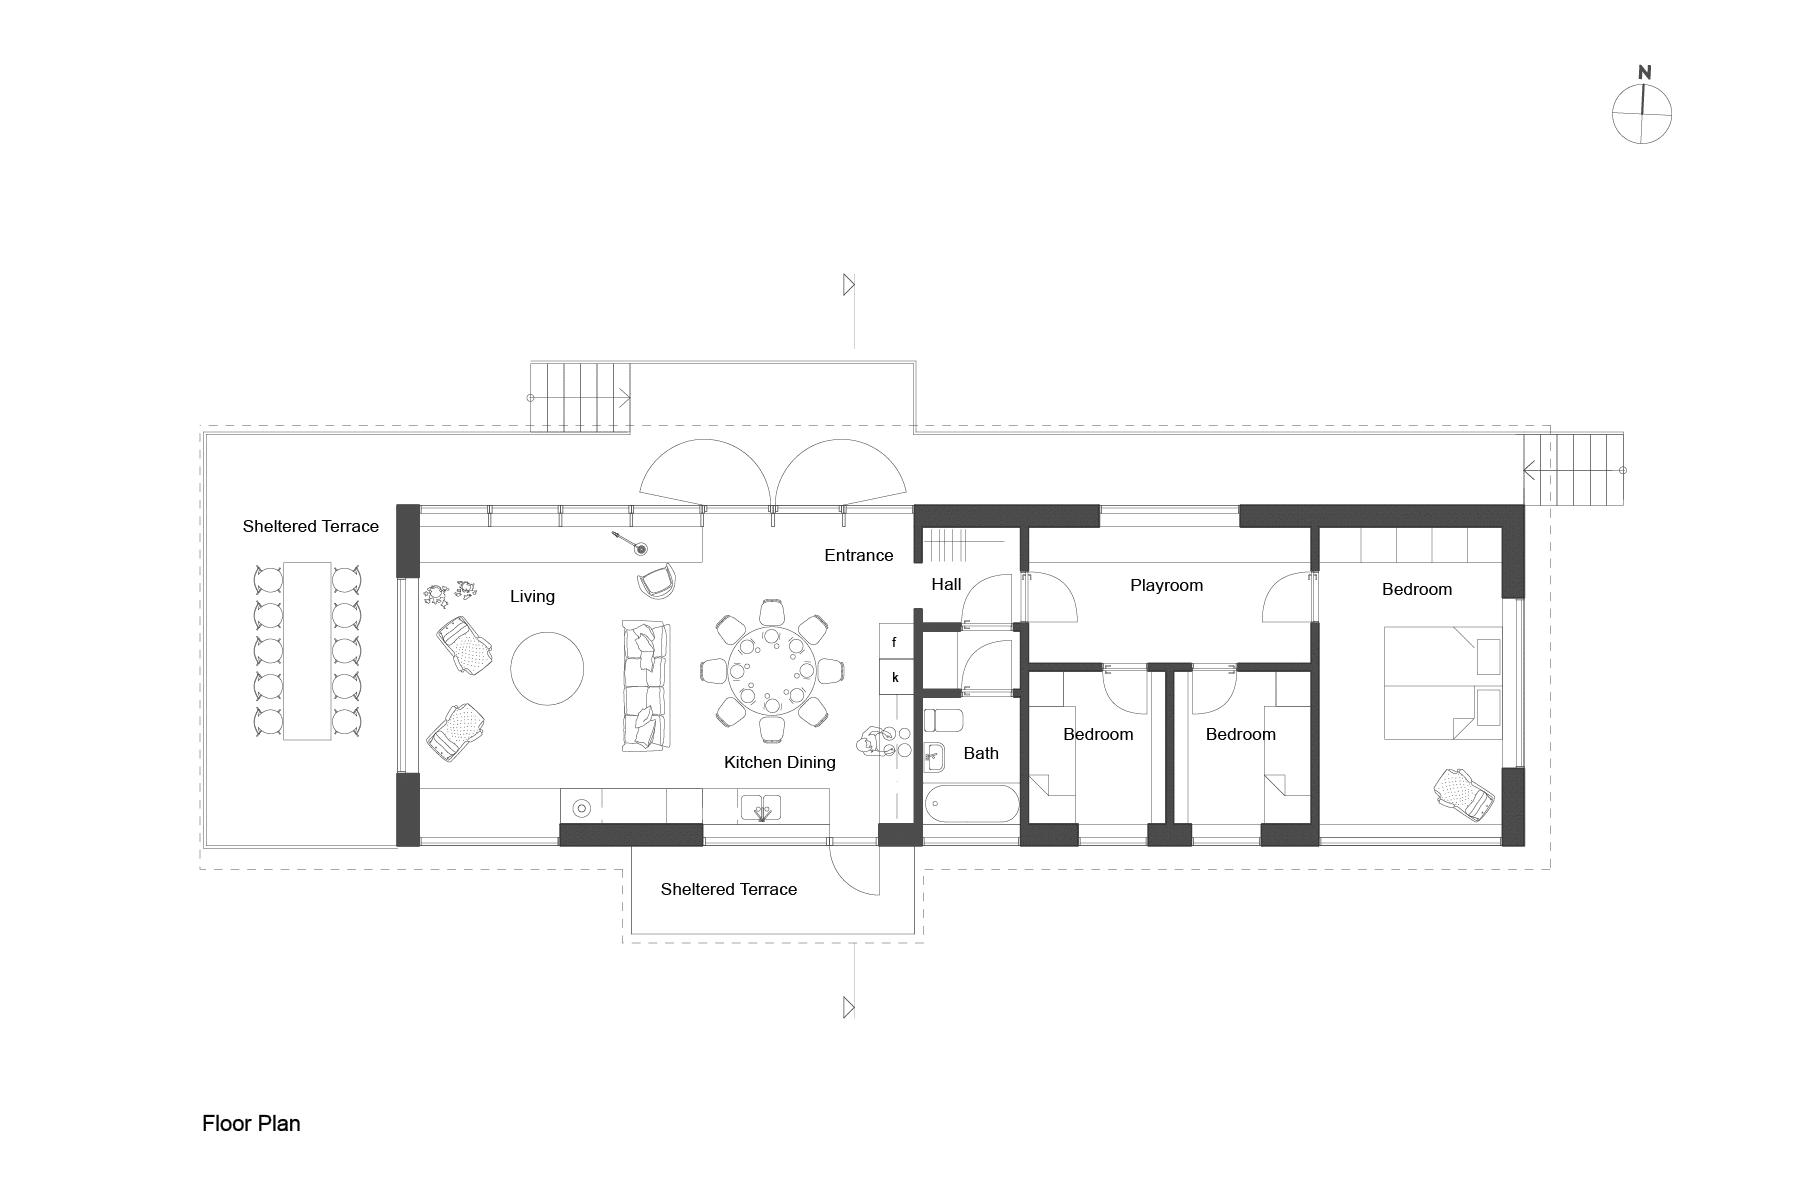 Dise o de casa peque a de madera fachada planos - Diseno de planos de casas ...